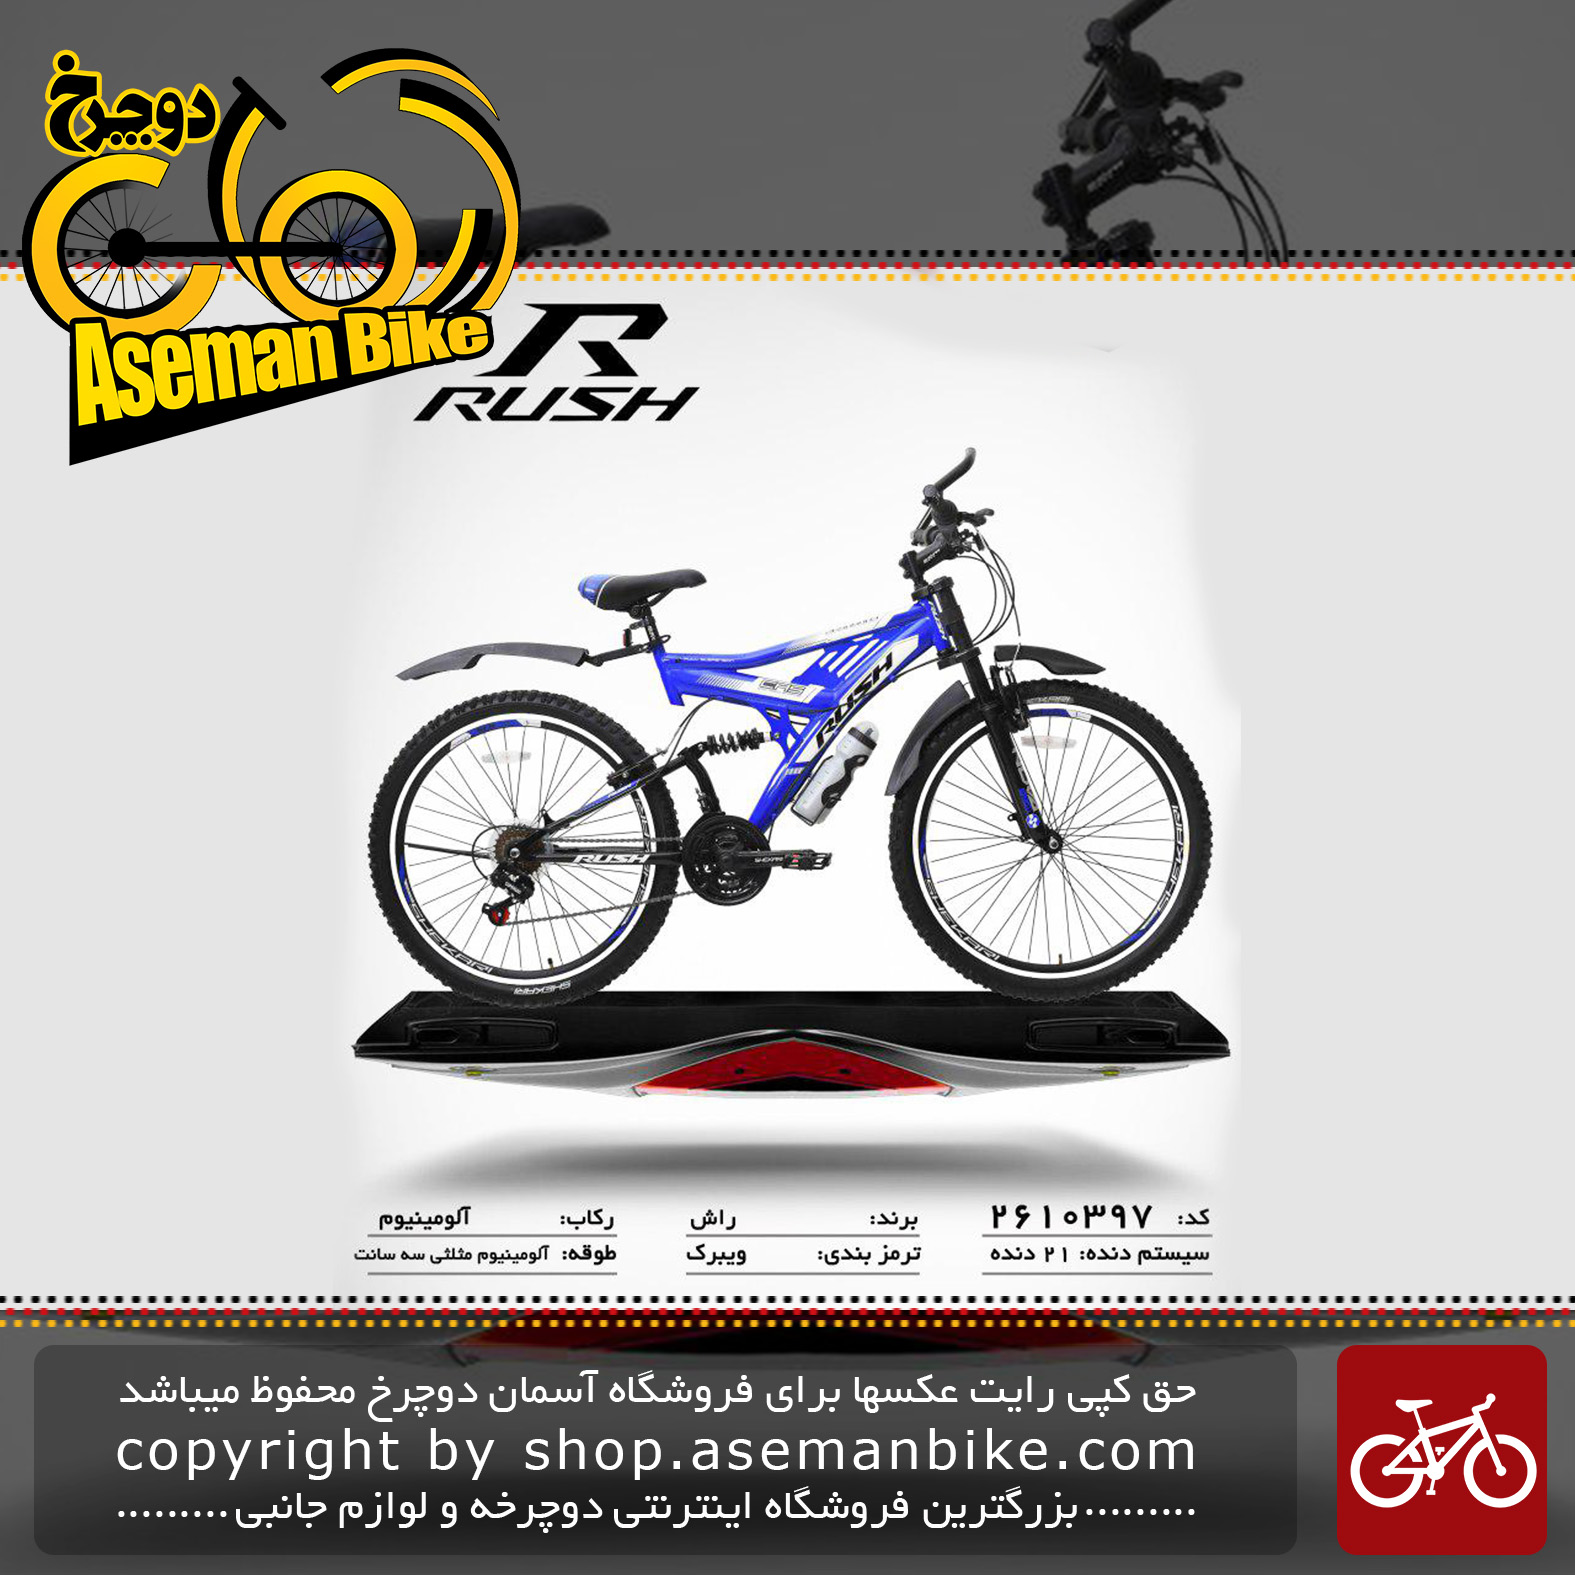 دوچرخه راش سایز 26 21 دنده دو کمک لغمه ای مدل97 rush bicycle 26 21 speed dual shock vb 97 2019